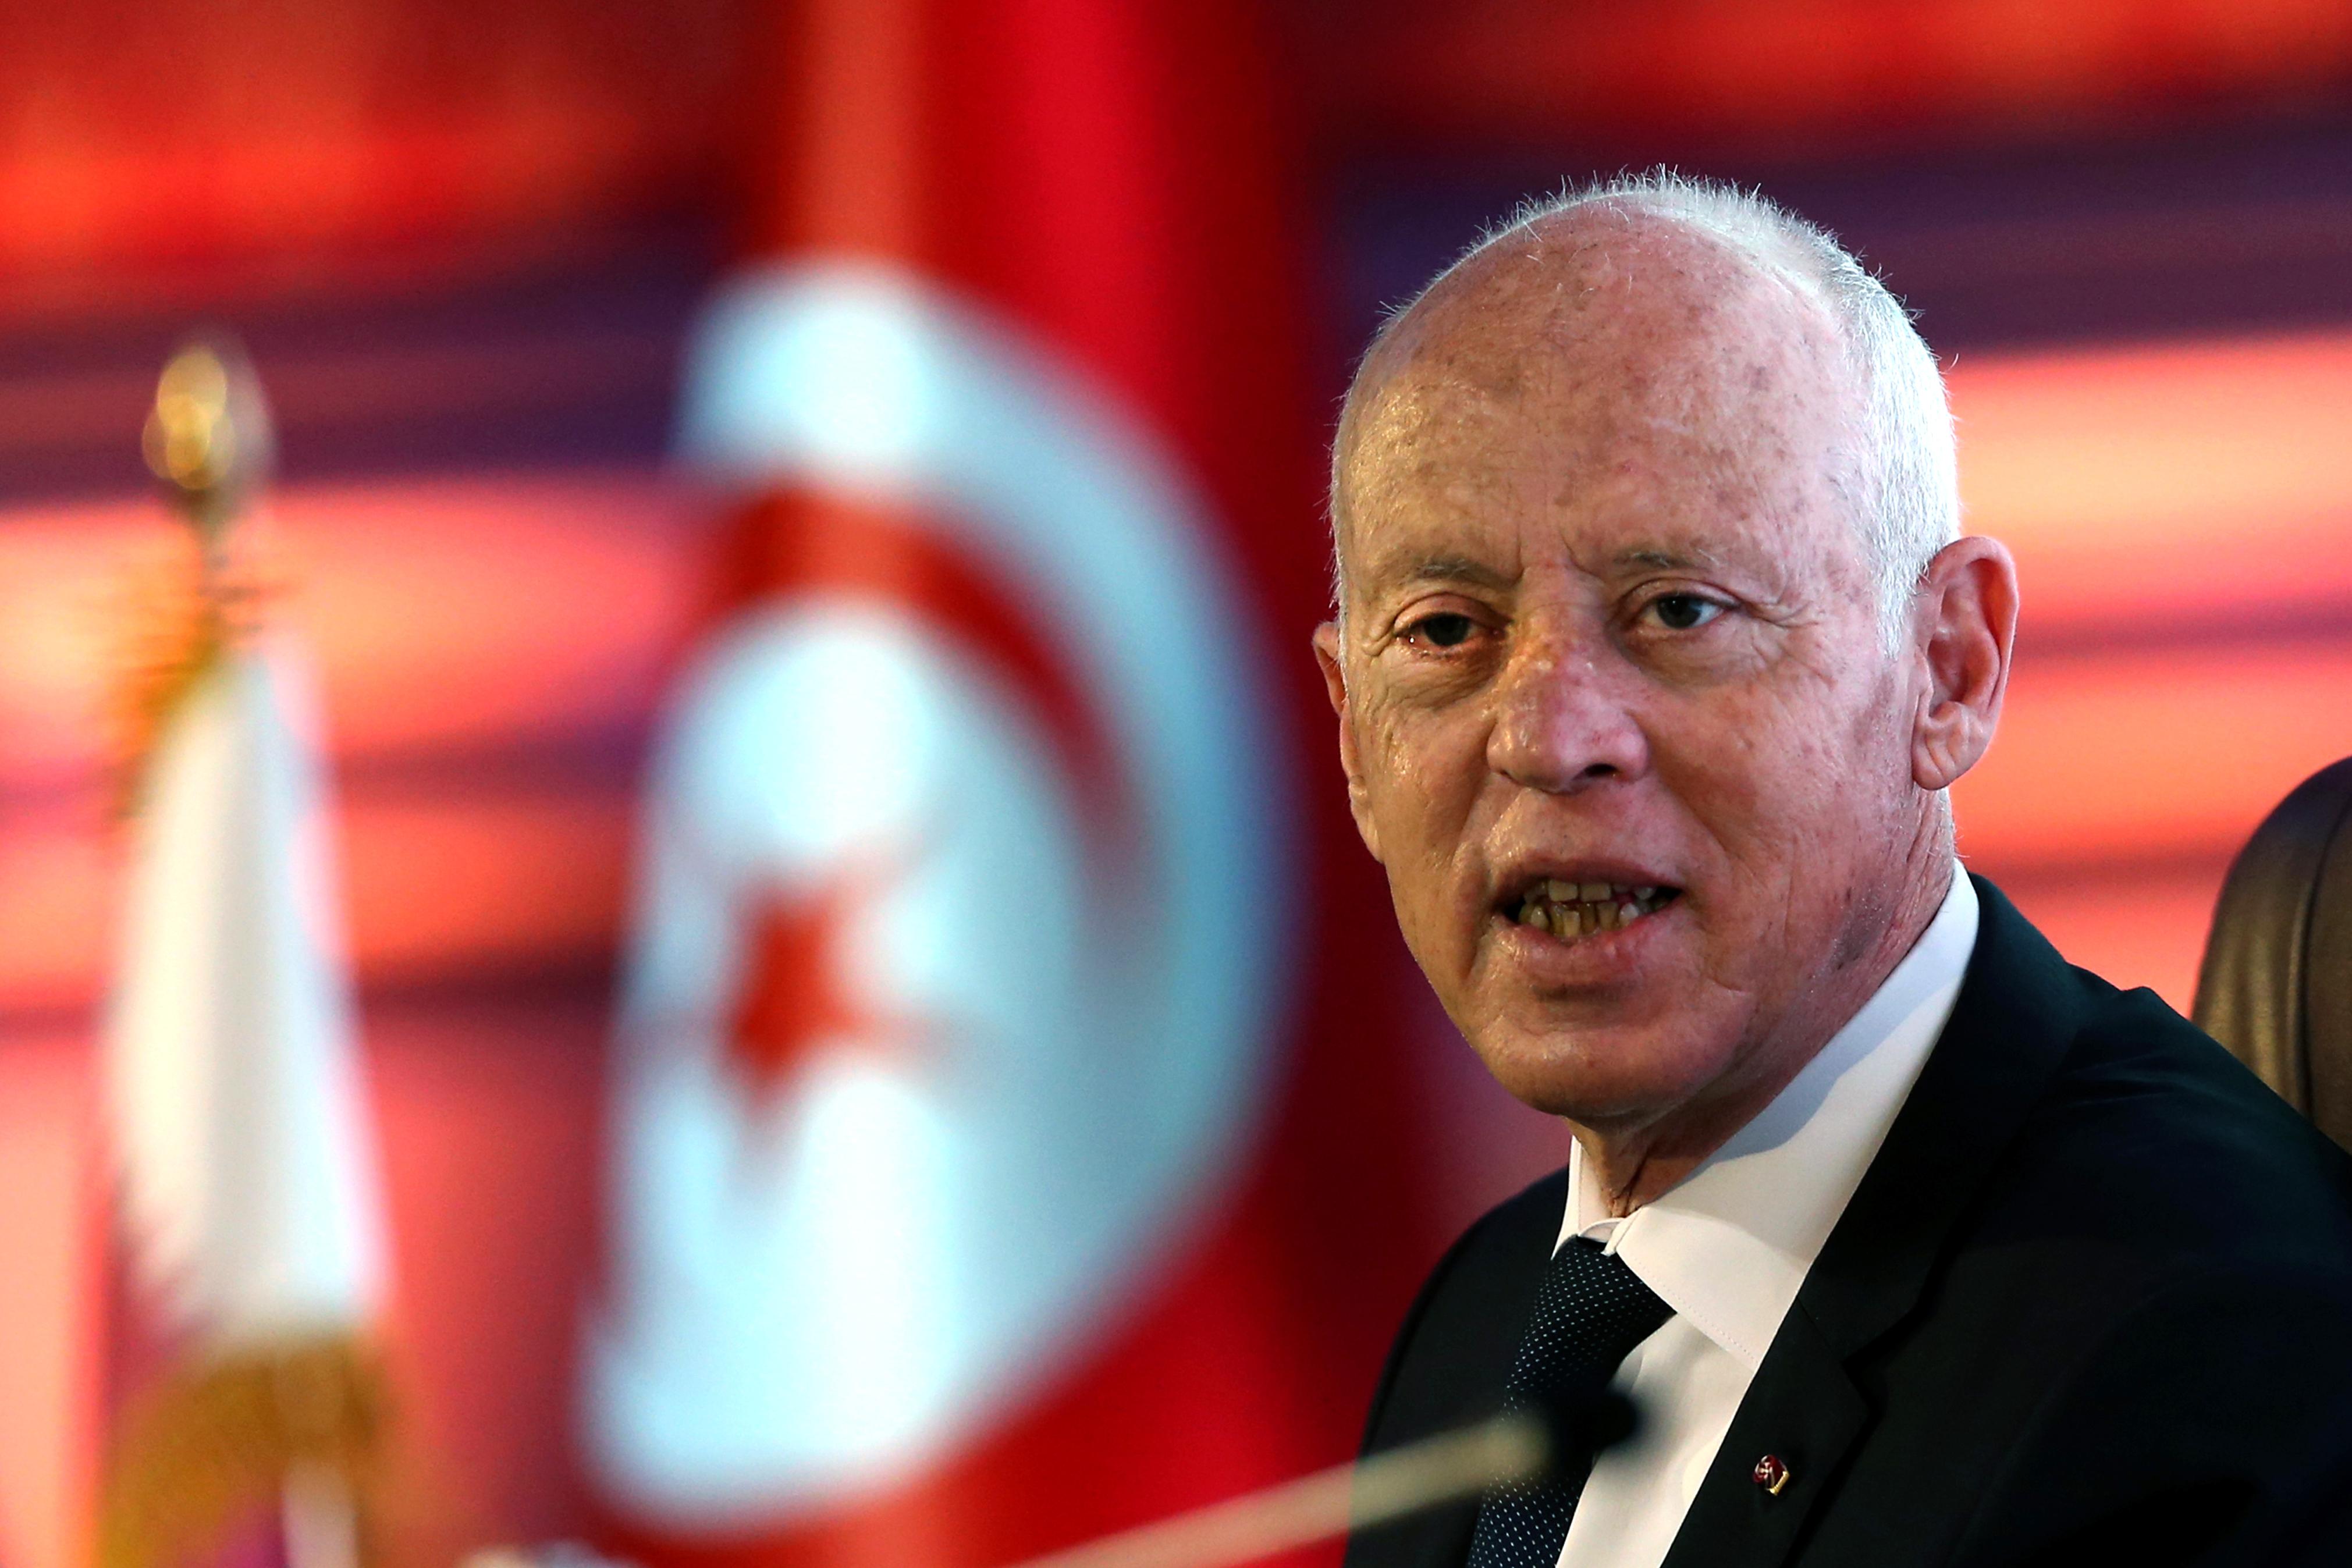 Megpróbálták megmérgezni a tunéziai elnököt